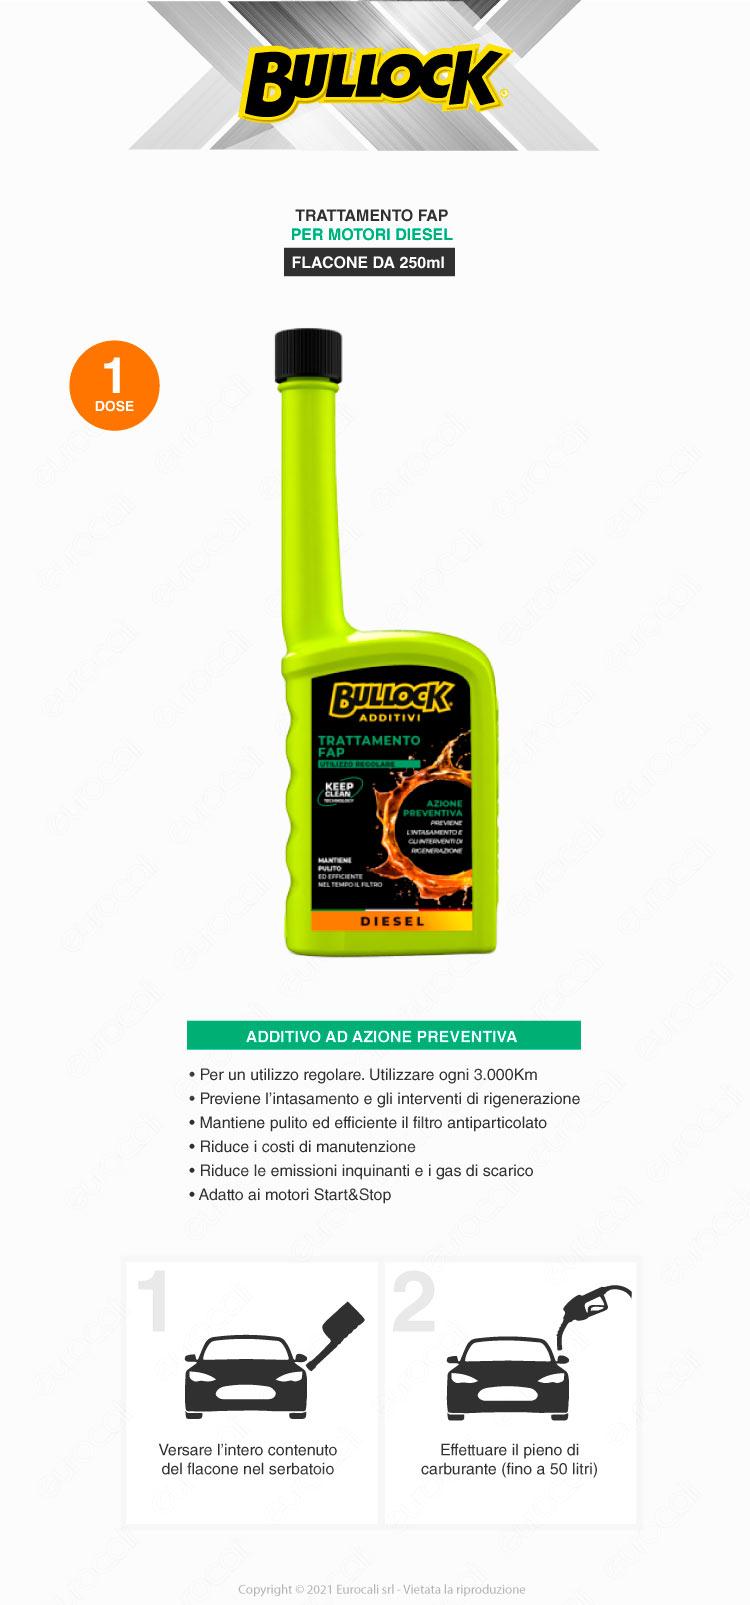 bullock additivi trattamento fap diesel